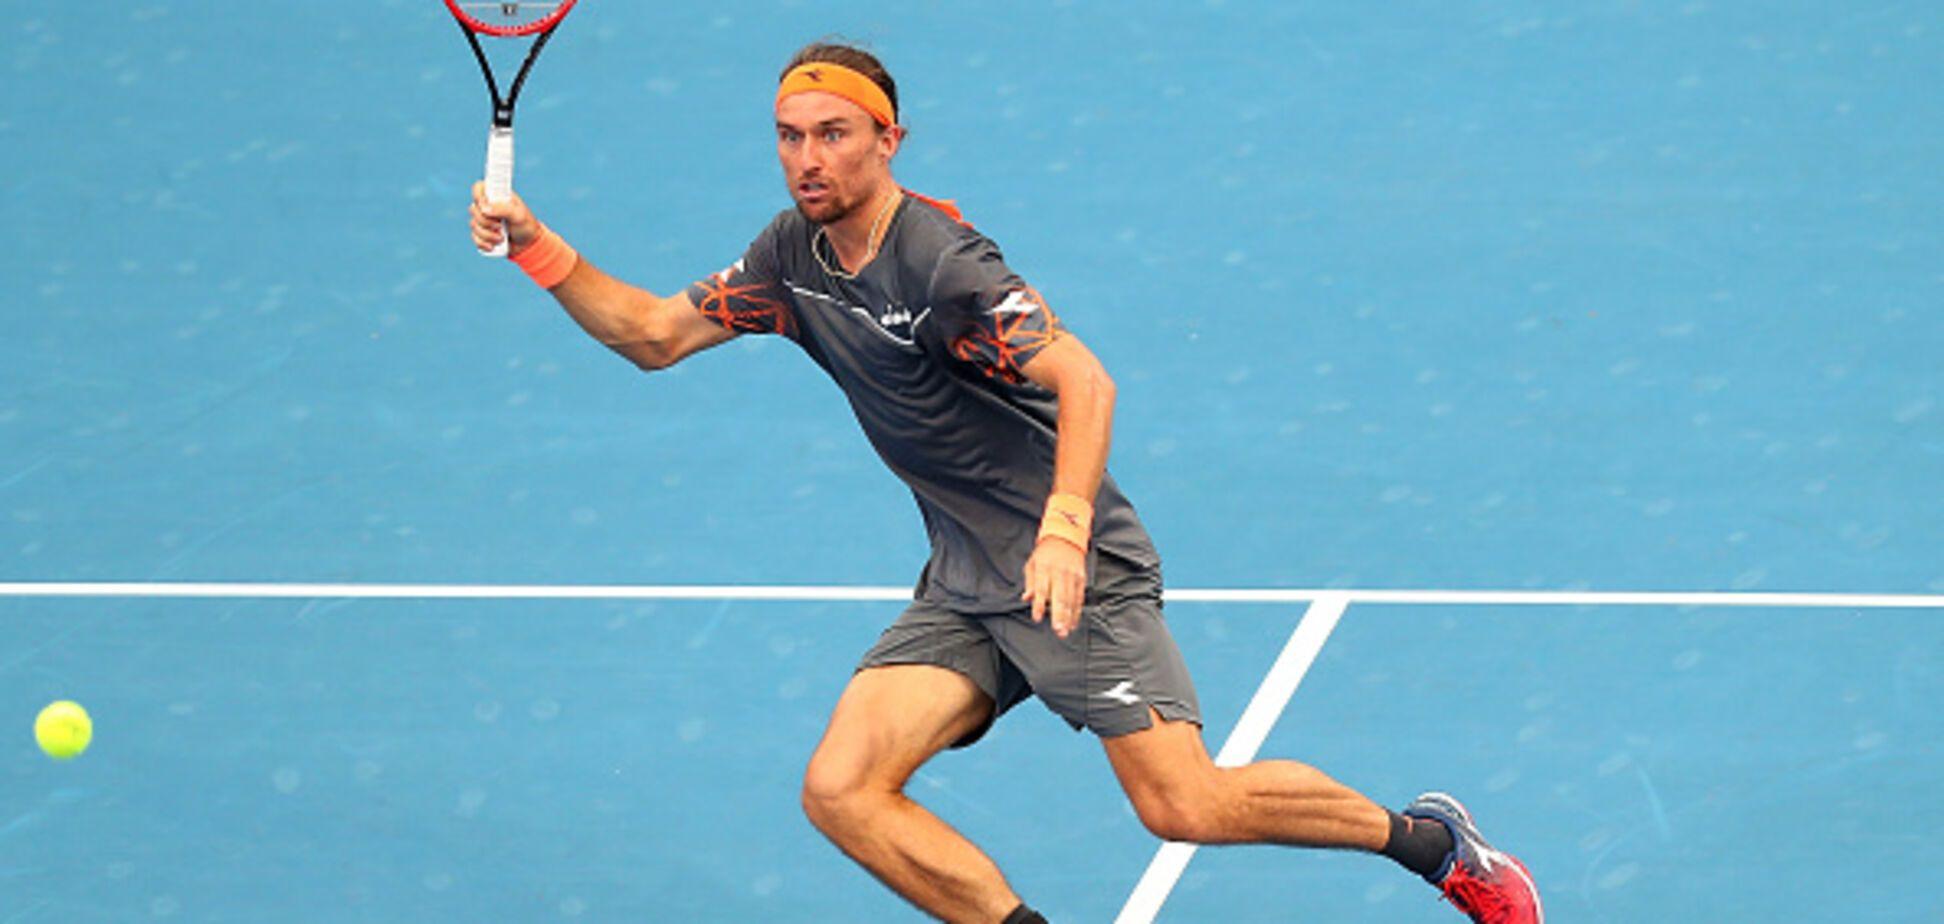 Лучший теннисист Украины феерично вышел в четвертьфинал известного турнира